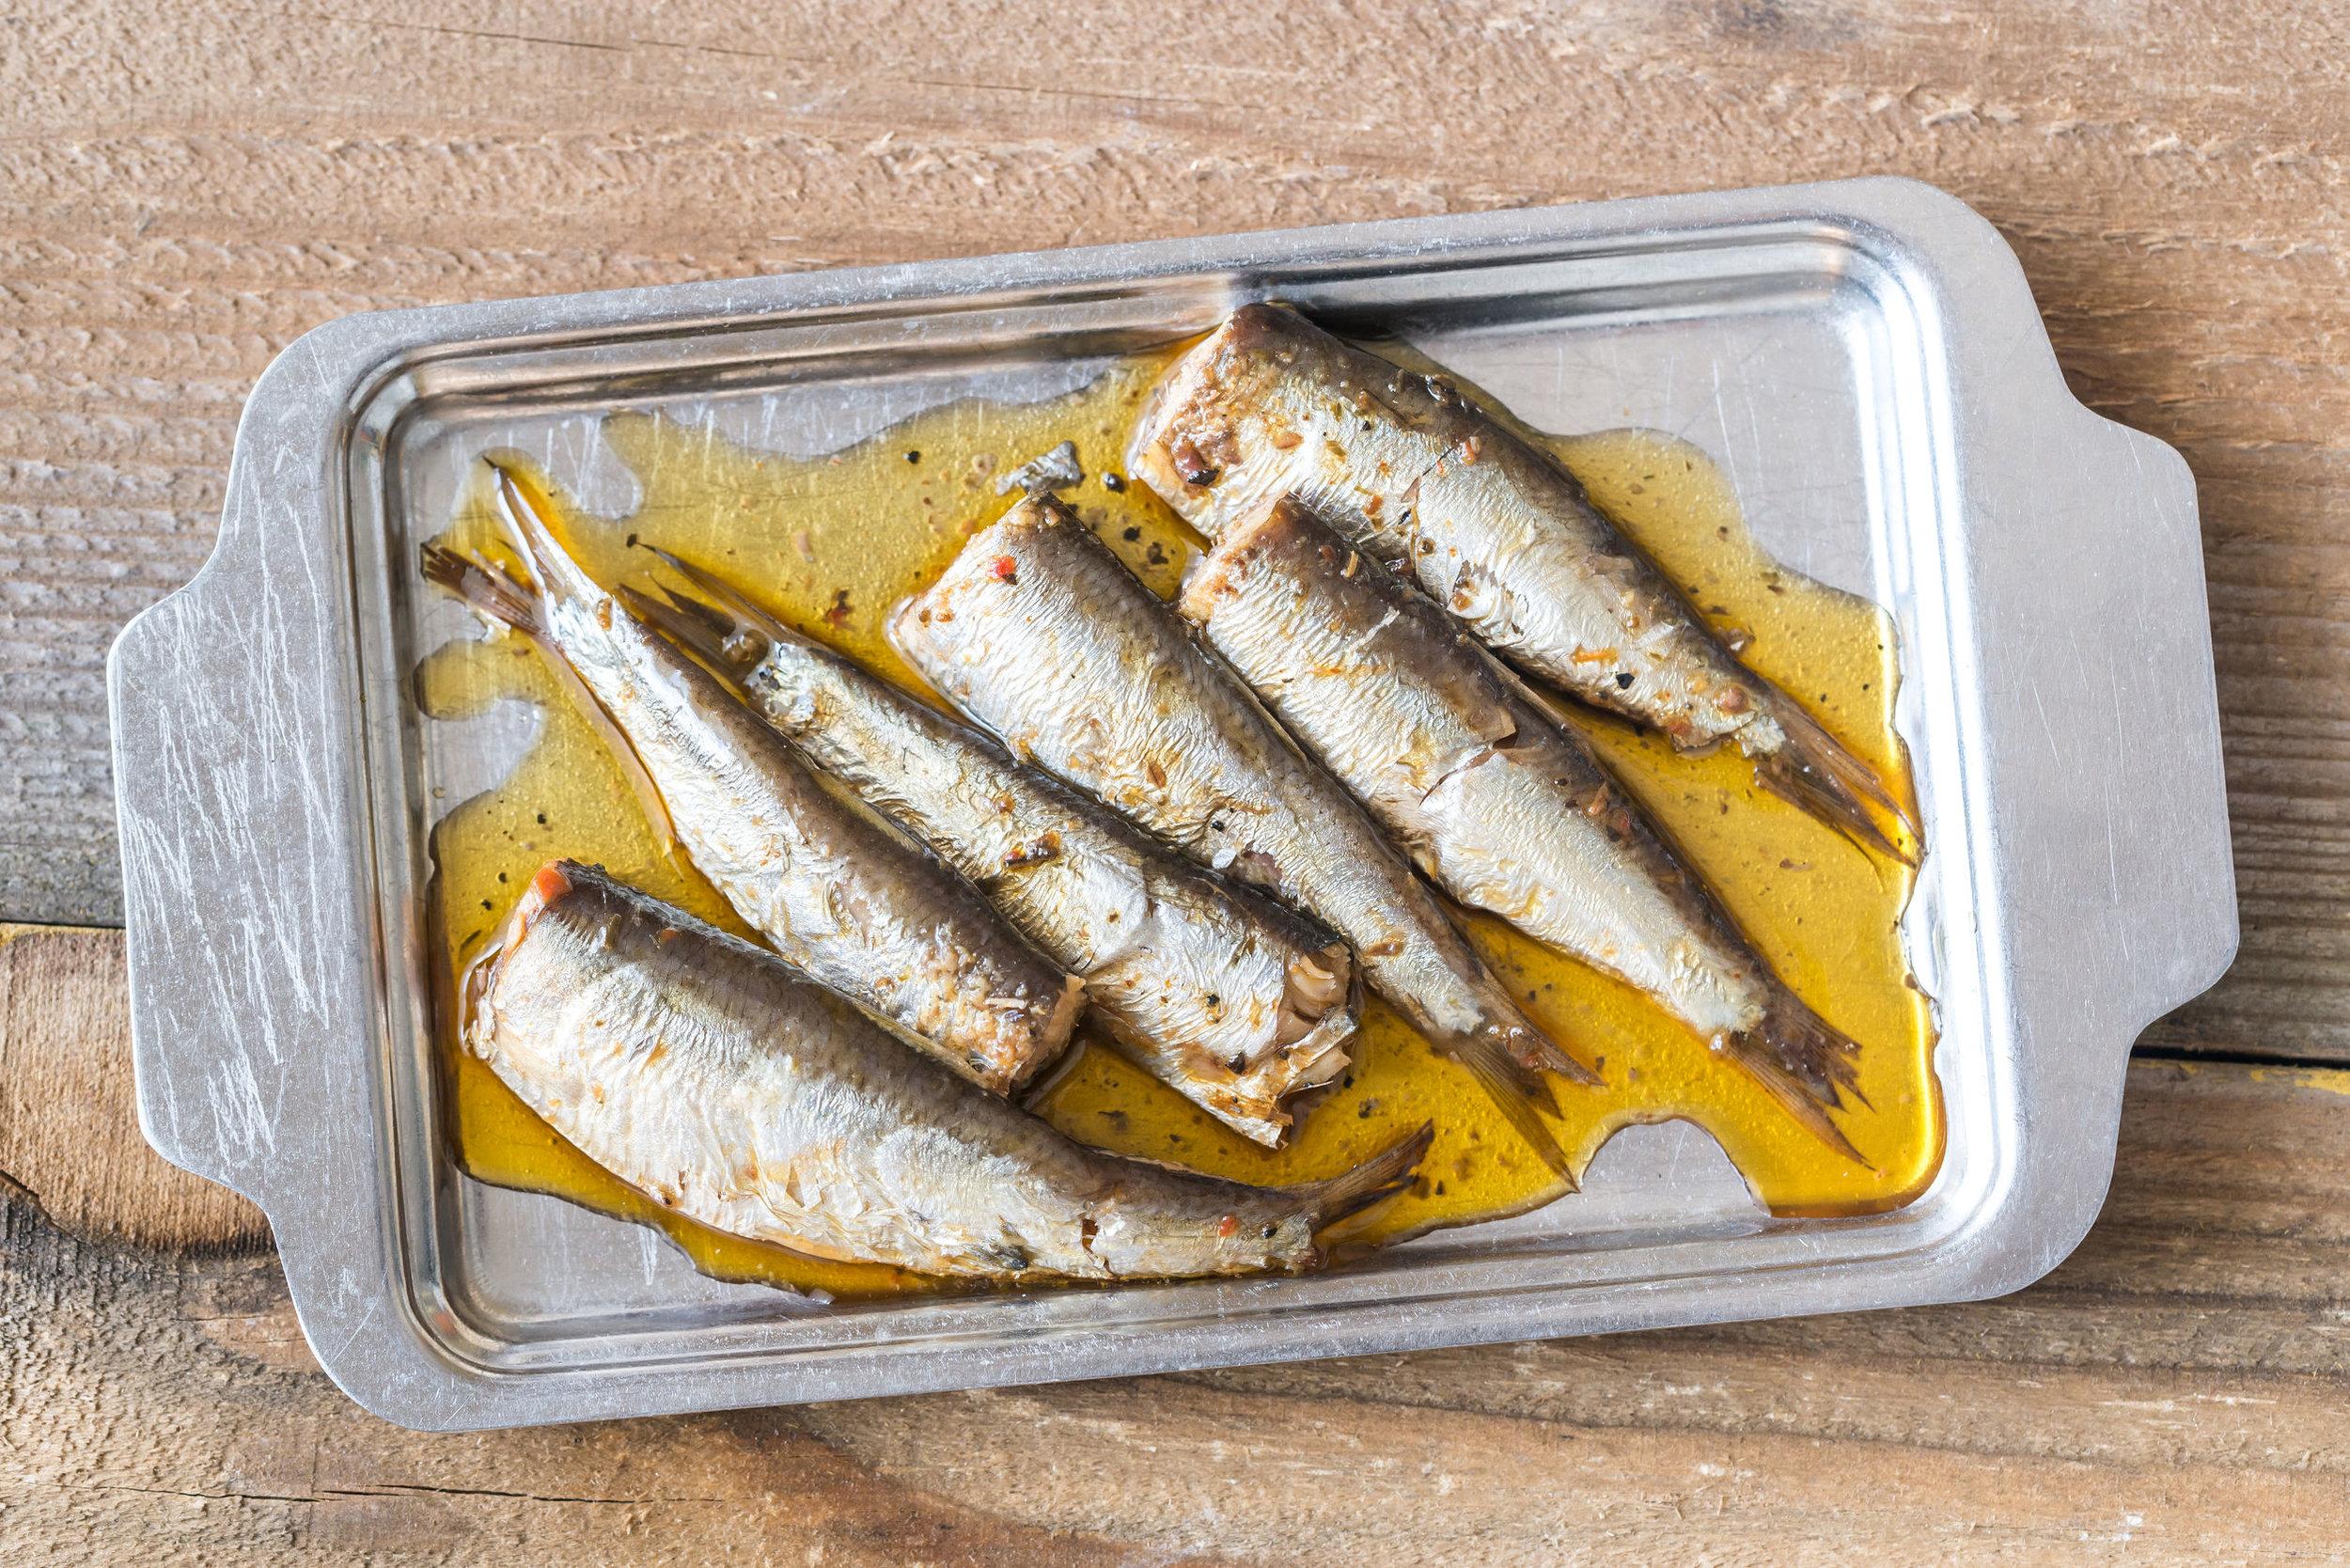 sardinas.jpg